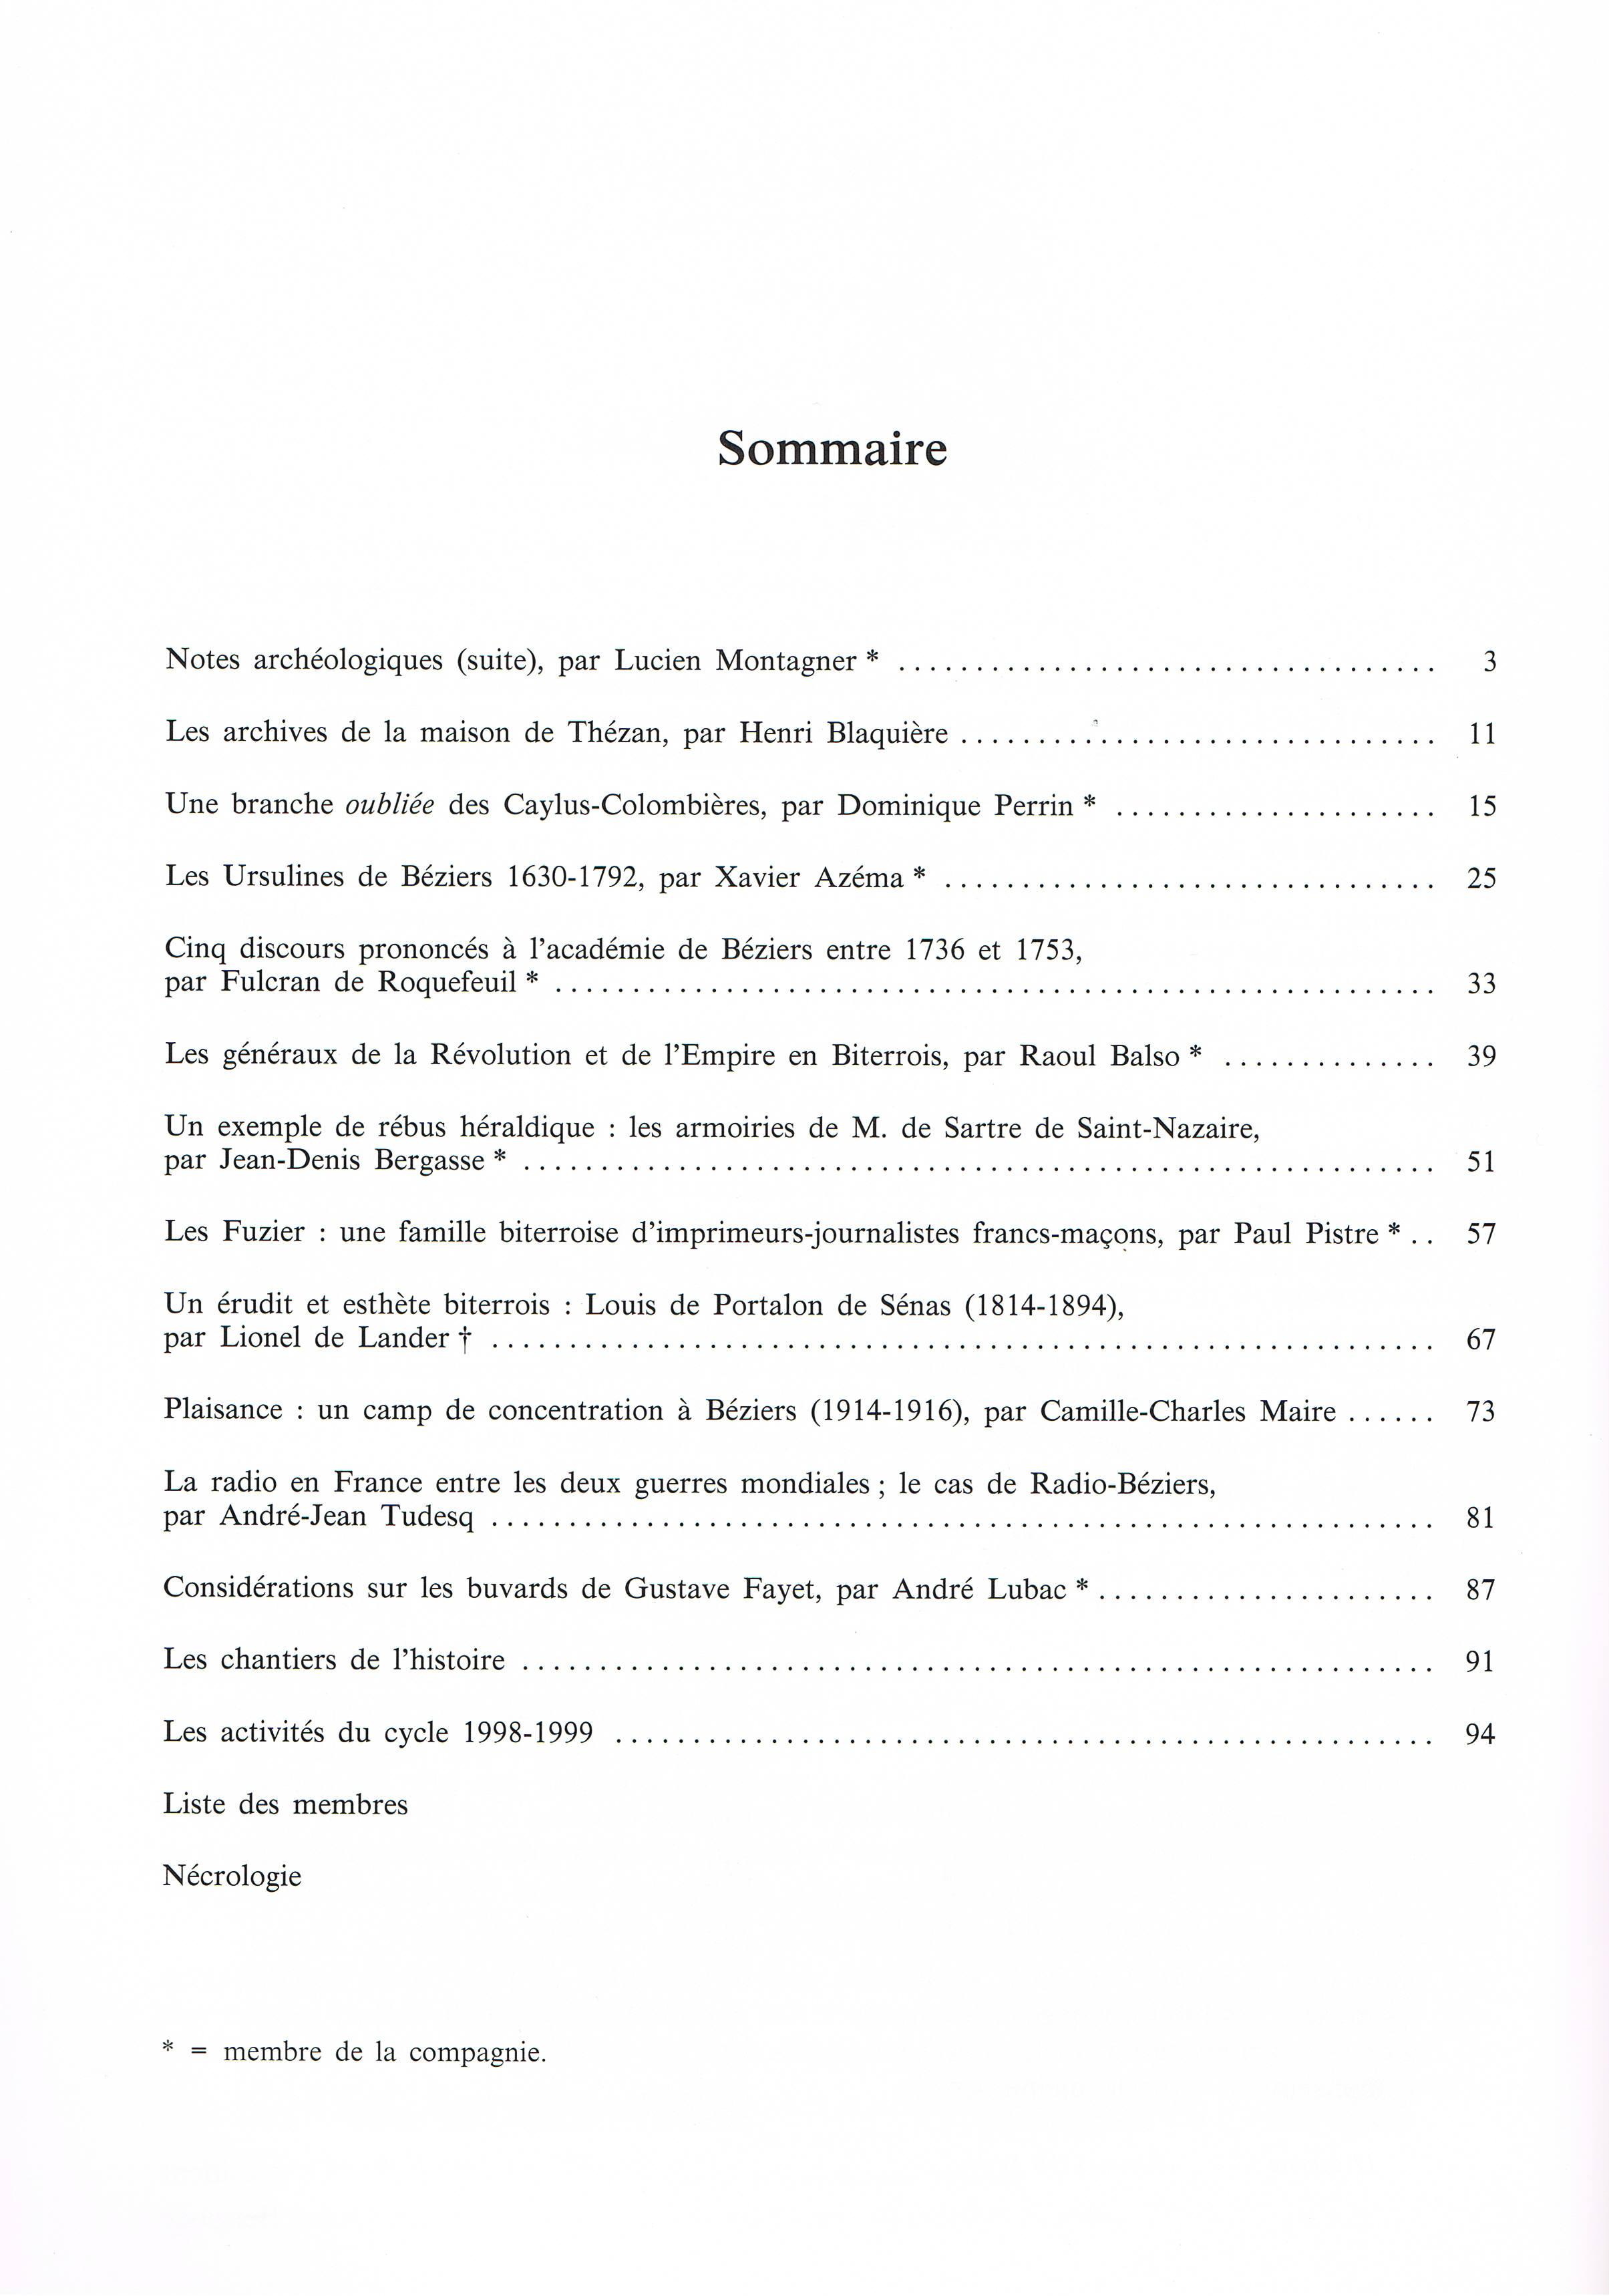 Bulletin_1998_1999_sommaire